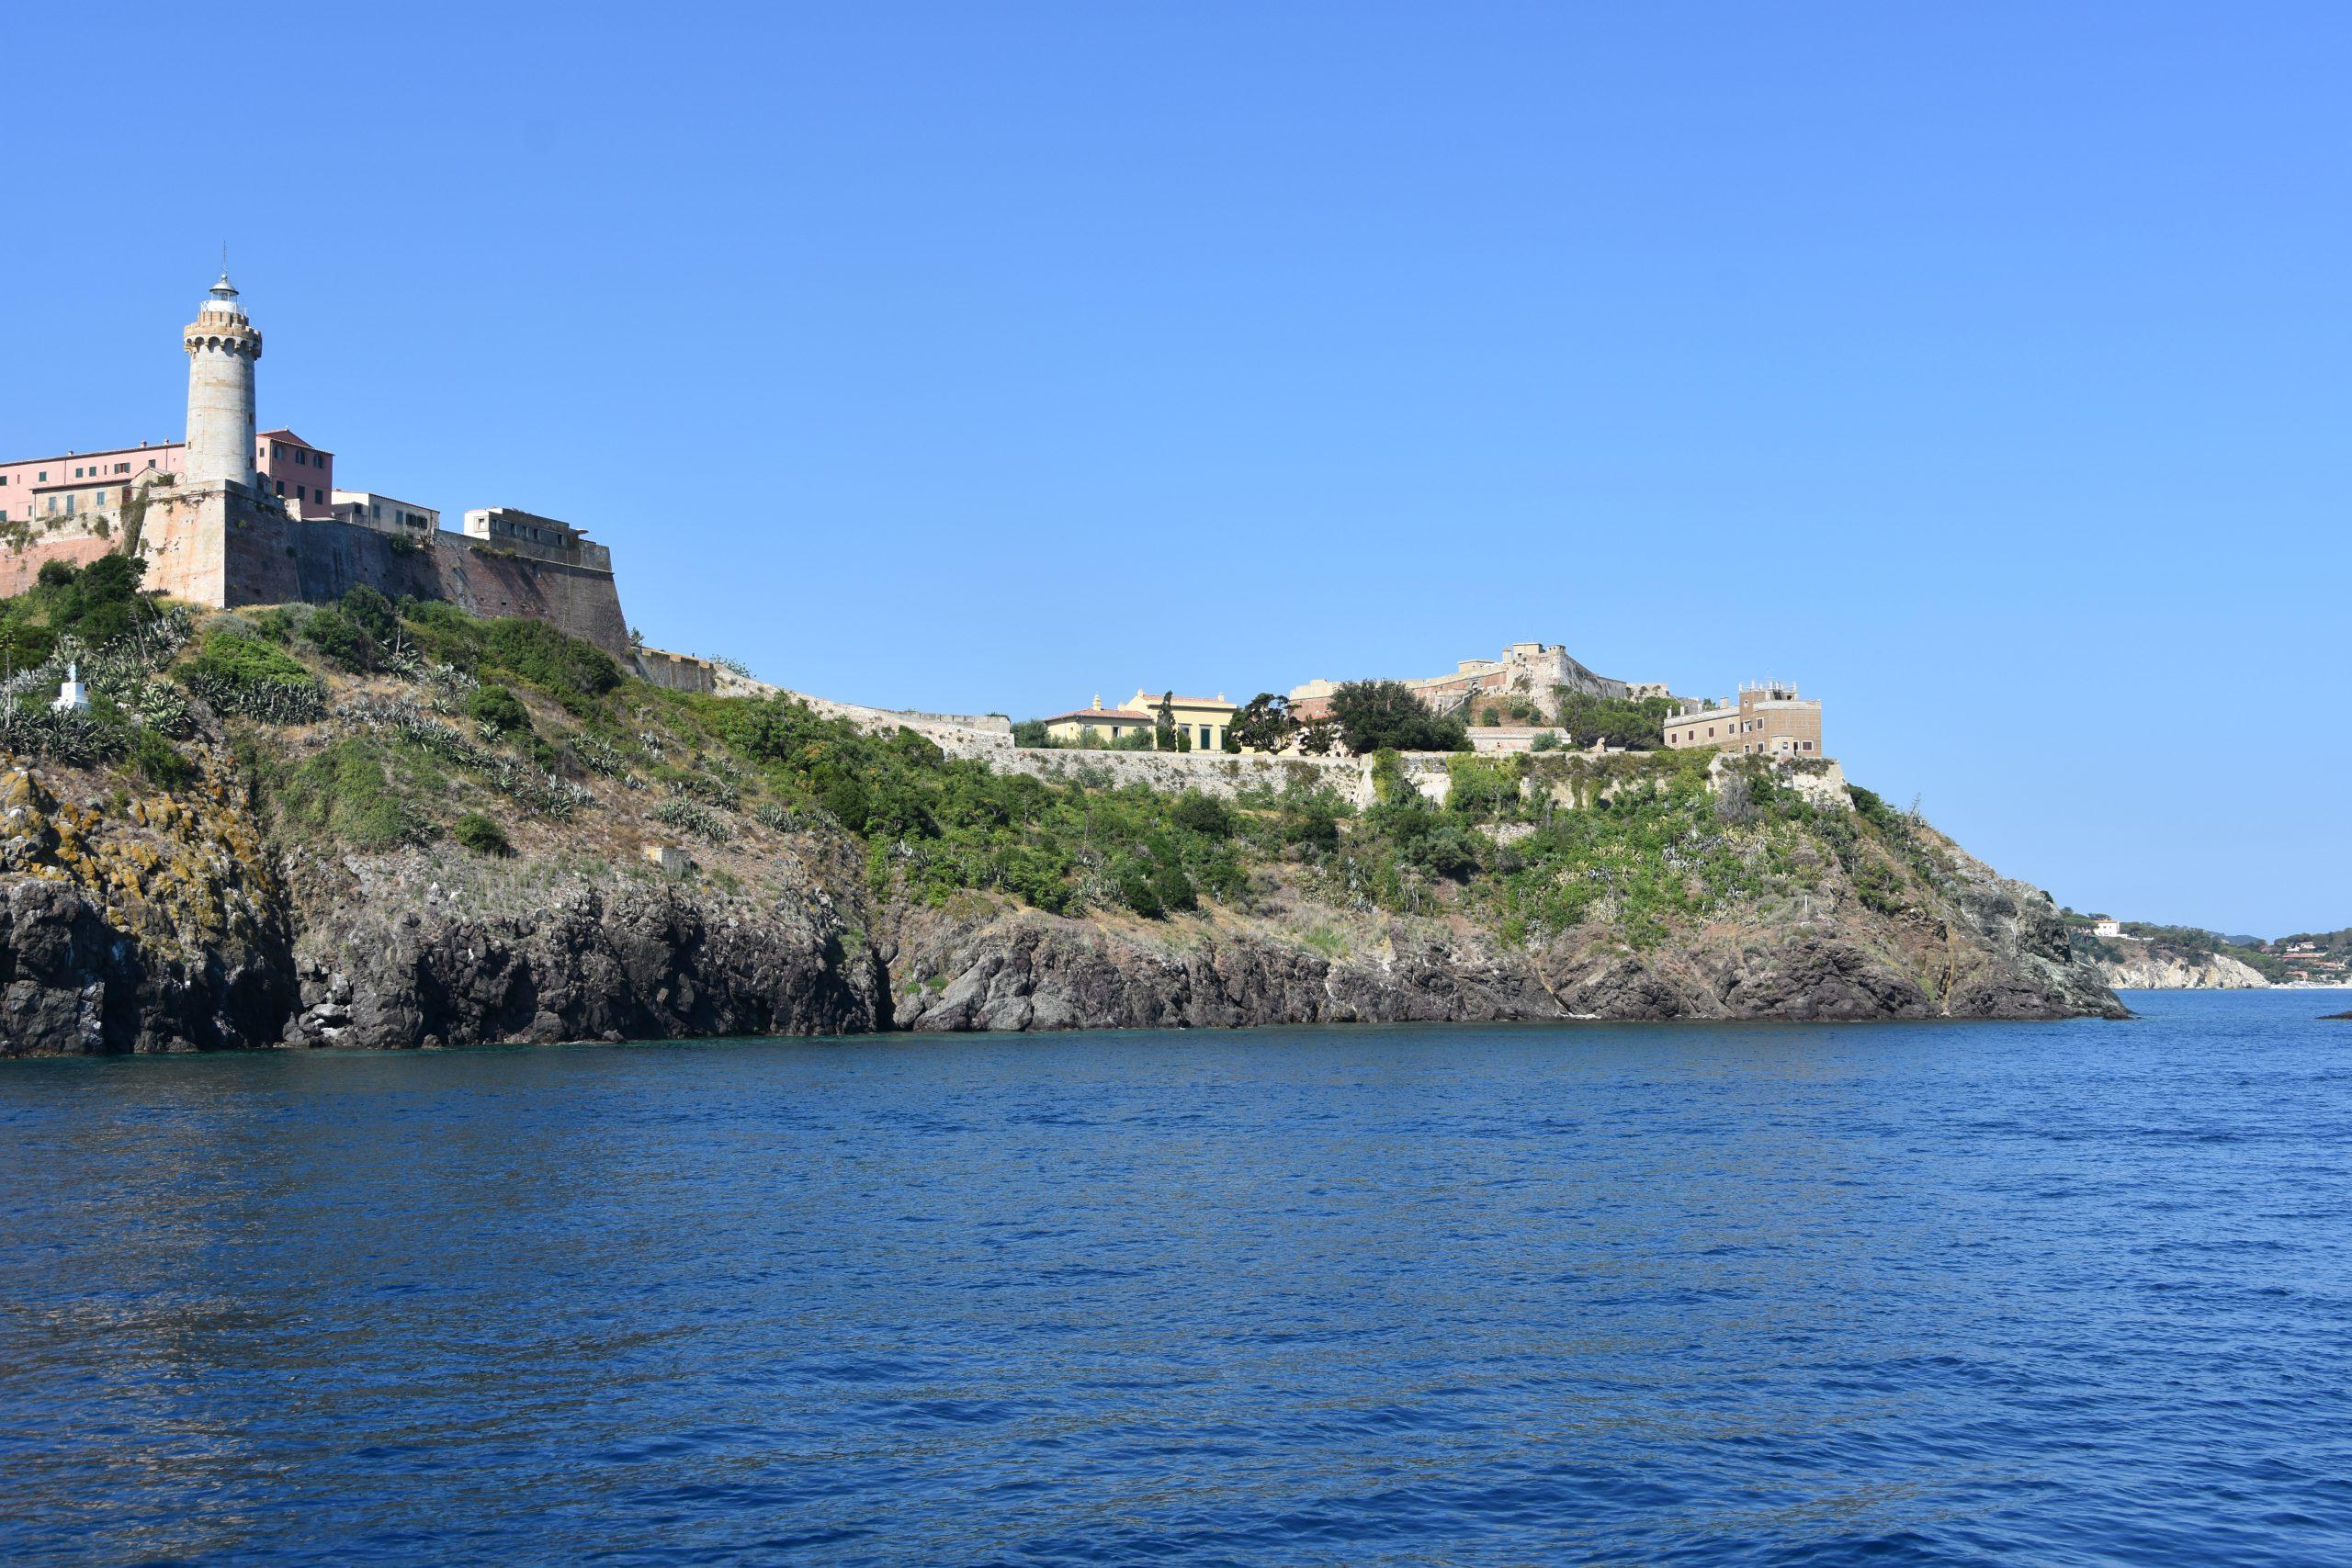 14 La maison de Napoleon en jaune au centre de limage a Porto Ferraio sur lile dElbe